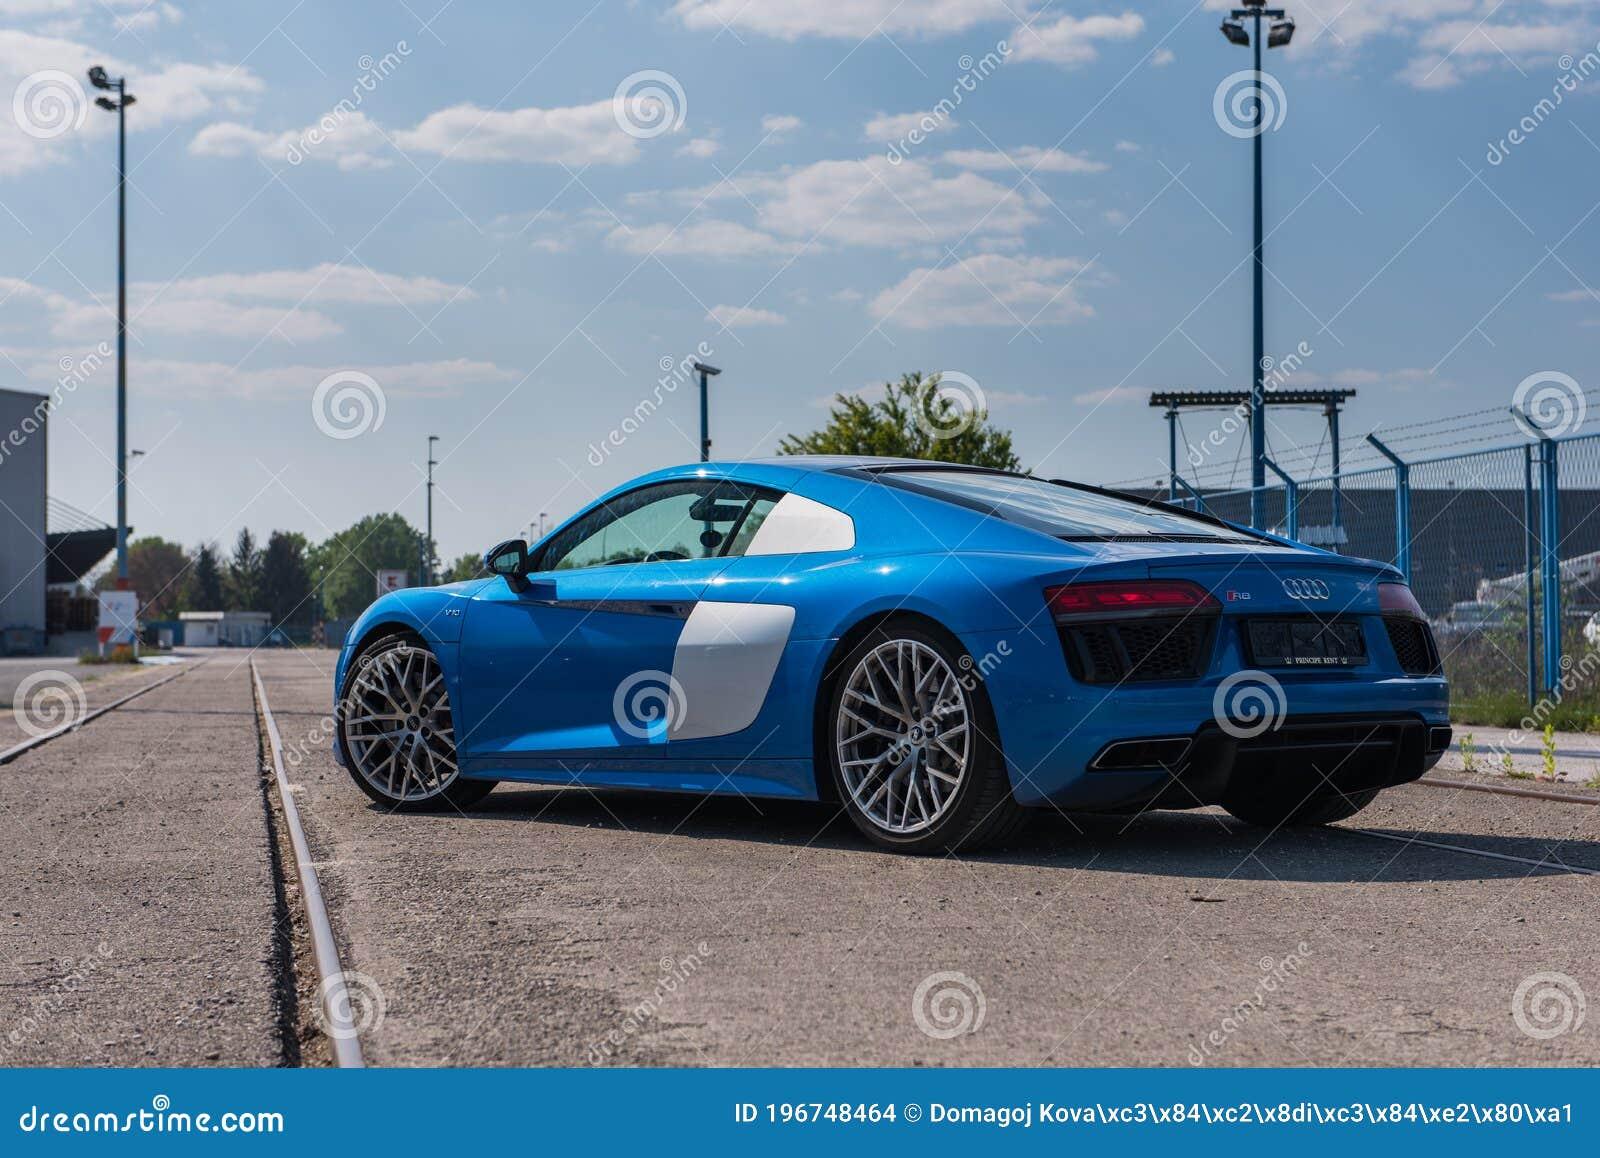 Audi R8 V10 In Blue Colour R8 Quatro Famous Racing Car Editorial Stock Image Image Of Beautiful Quattro 196748464